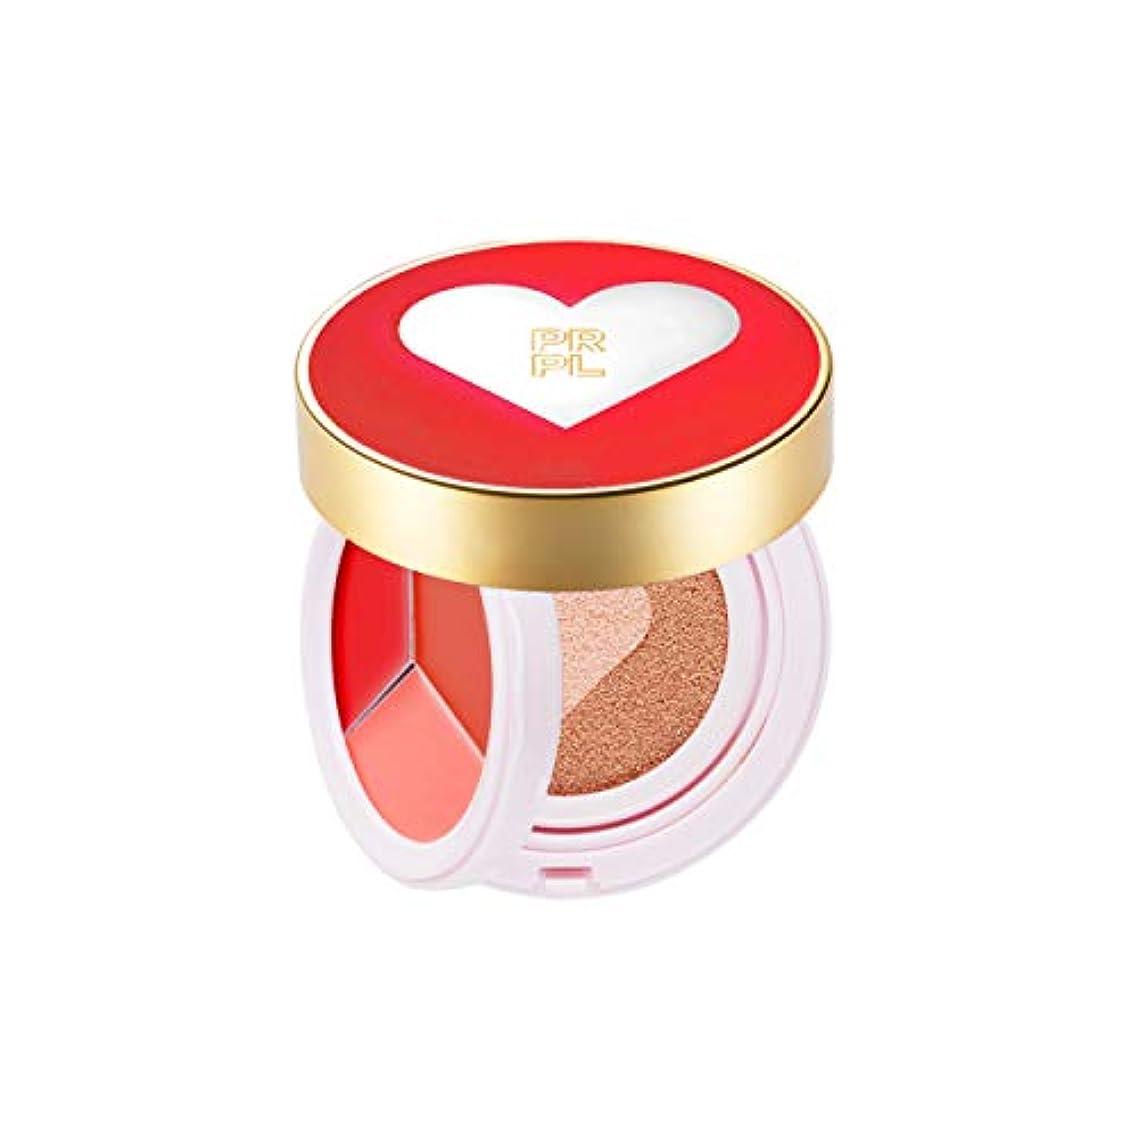 ペッカディロレーザとPRPL Kiss and Heart Double Cushion (Red Edition) #21 Pure Ivory - Korean Make-up, Cushion Foundation, Korean Beauty...